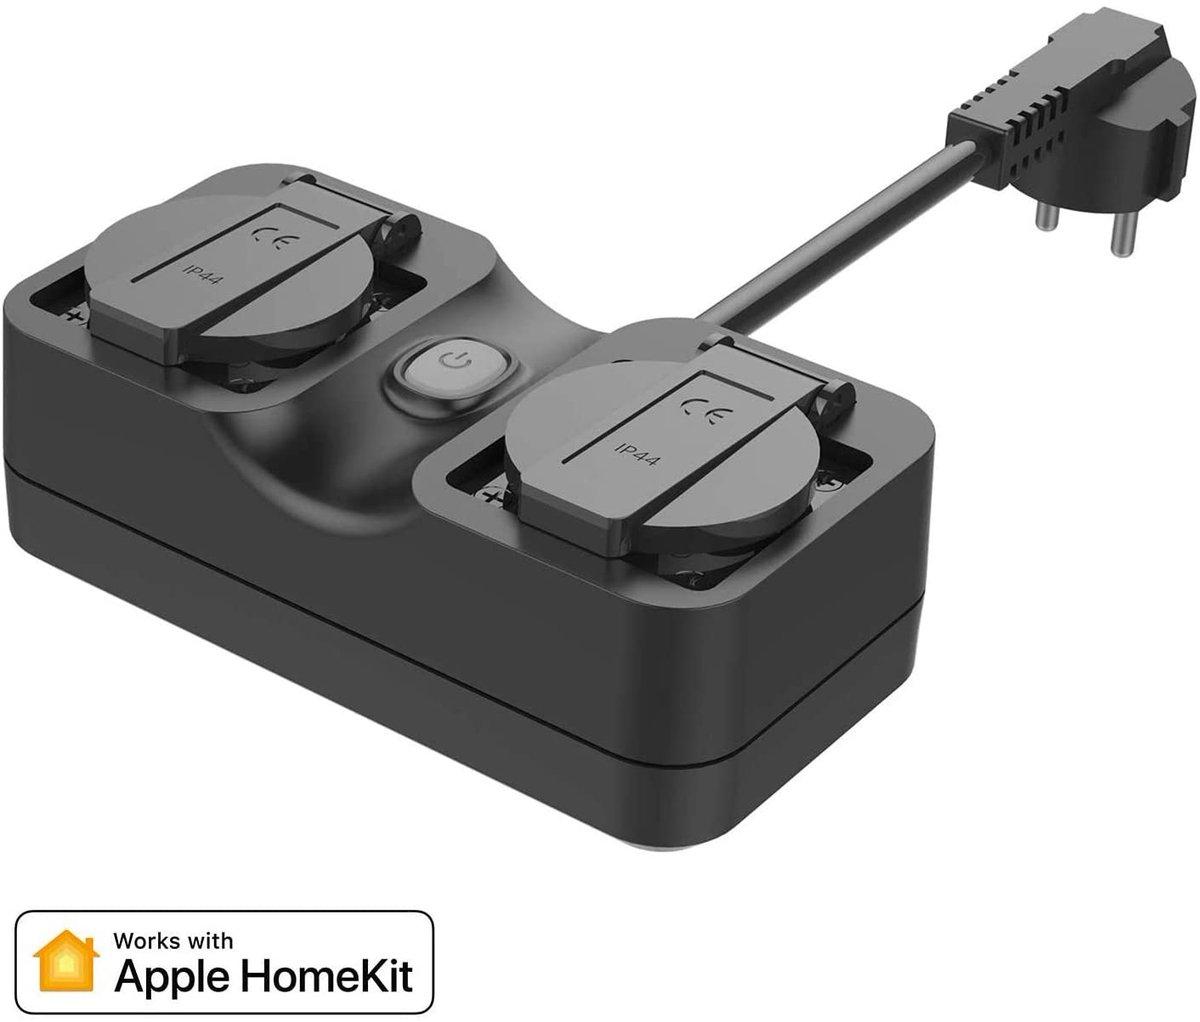 """Meross ist durch viele kleinere Smarthome Geräte bekannt, natürlich auch für ihre smarten Steckdosen. Meist denkt man aber """"nur"""" an Alexa und Google Home fähige Geräte. Dem ist aber bei weitem nicht so.  #Außensteckdose #HomeKit #Meross #News https://www.smarthomeassistent.de/homekit-aussensteckdose-von-meross-ab-sofort-fuer-3999e-verfuegbar/…pic.twitter.com/uw86yCWoft"""